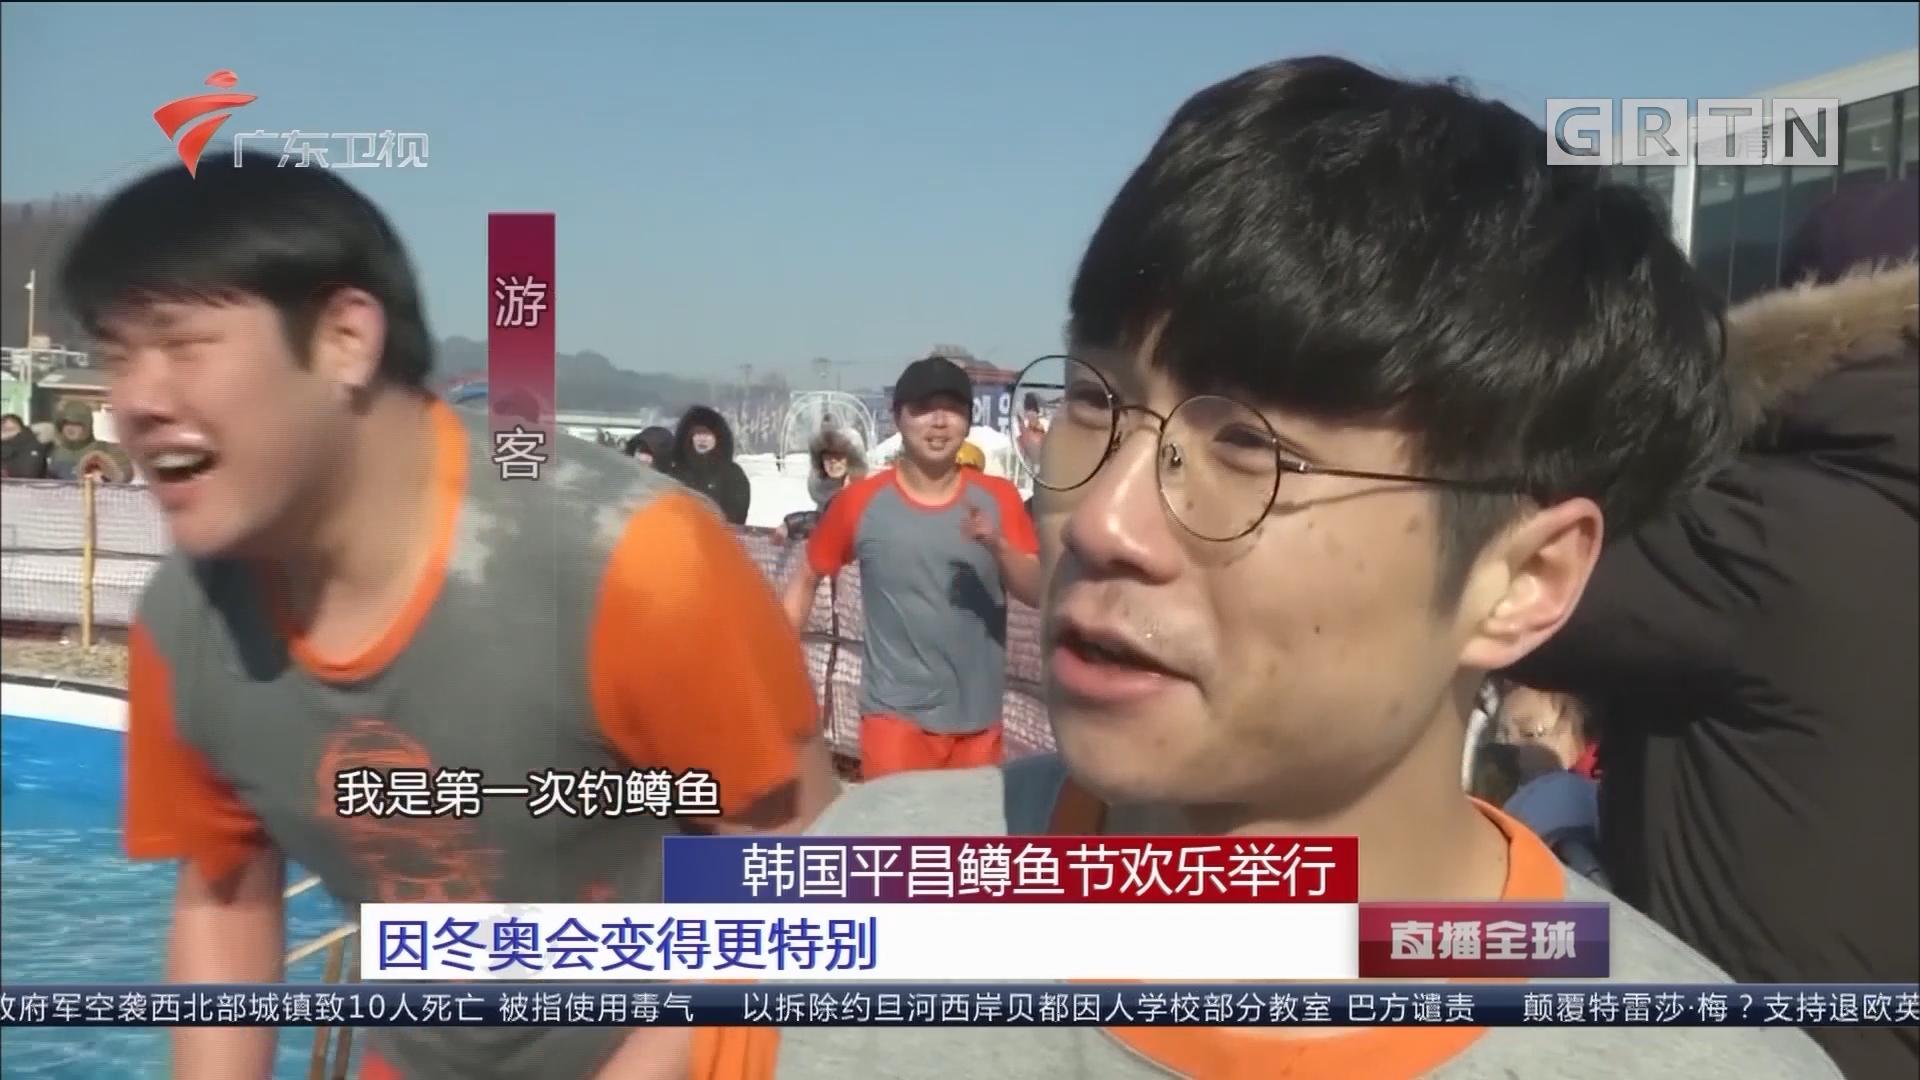 韩国平昌鳟鱼节欢乐举行 因冬奥会变得更特别